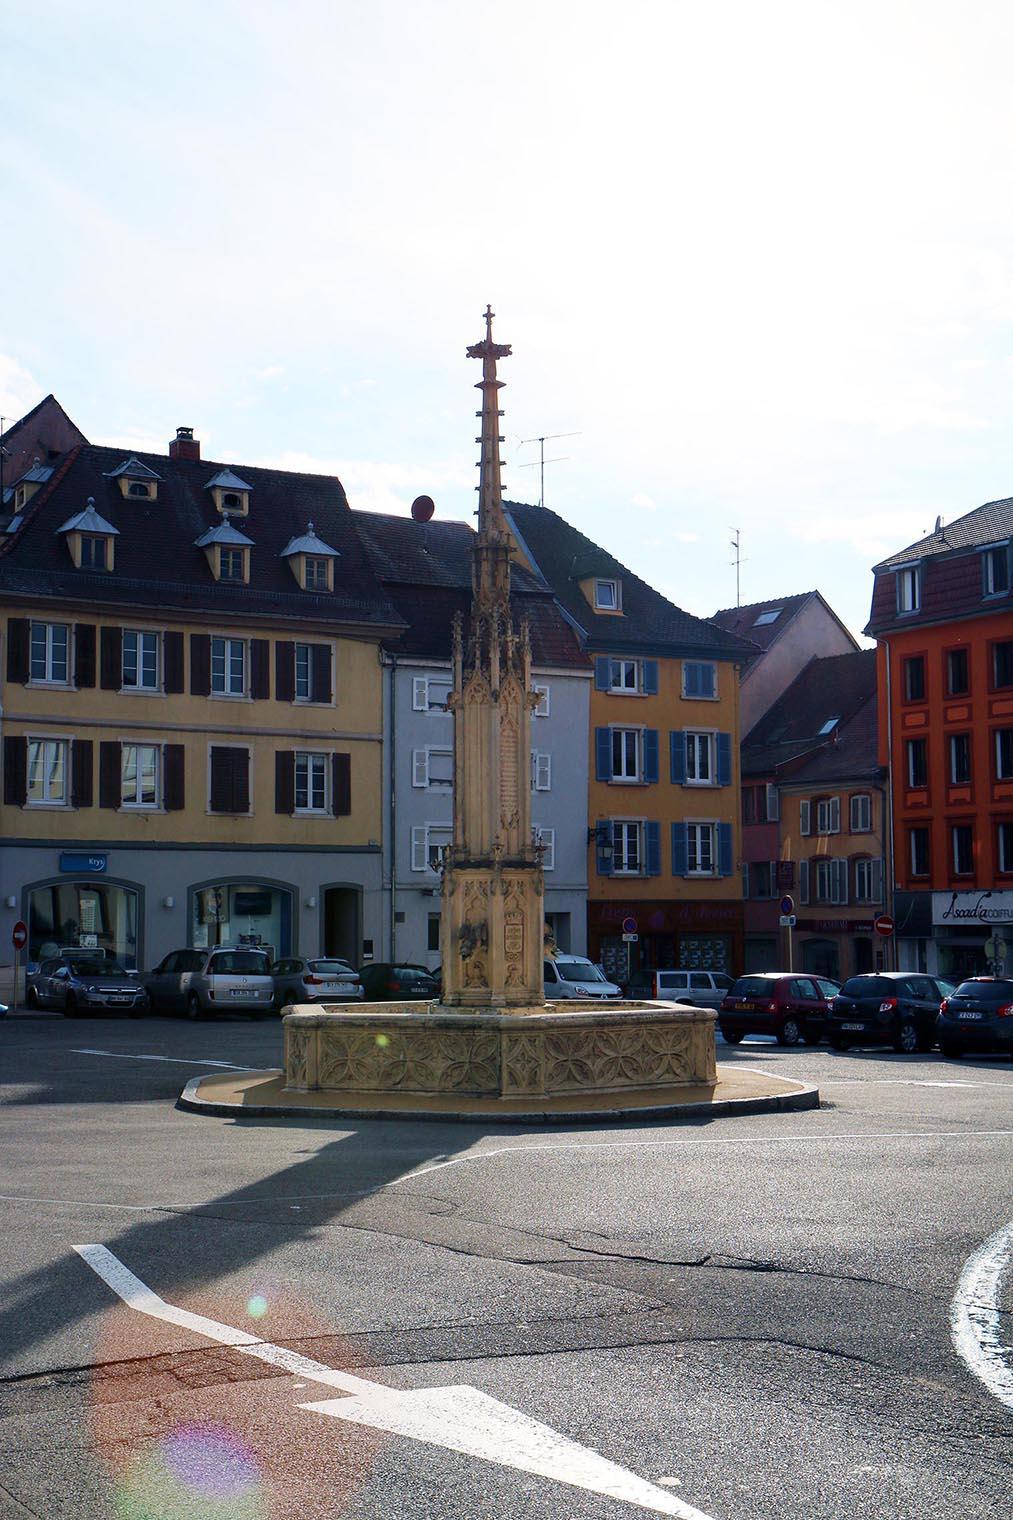 fontaine d'altkirch pendant l'expositions au festival le court en alsace